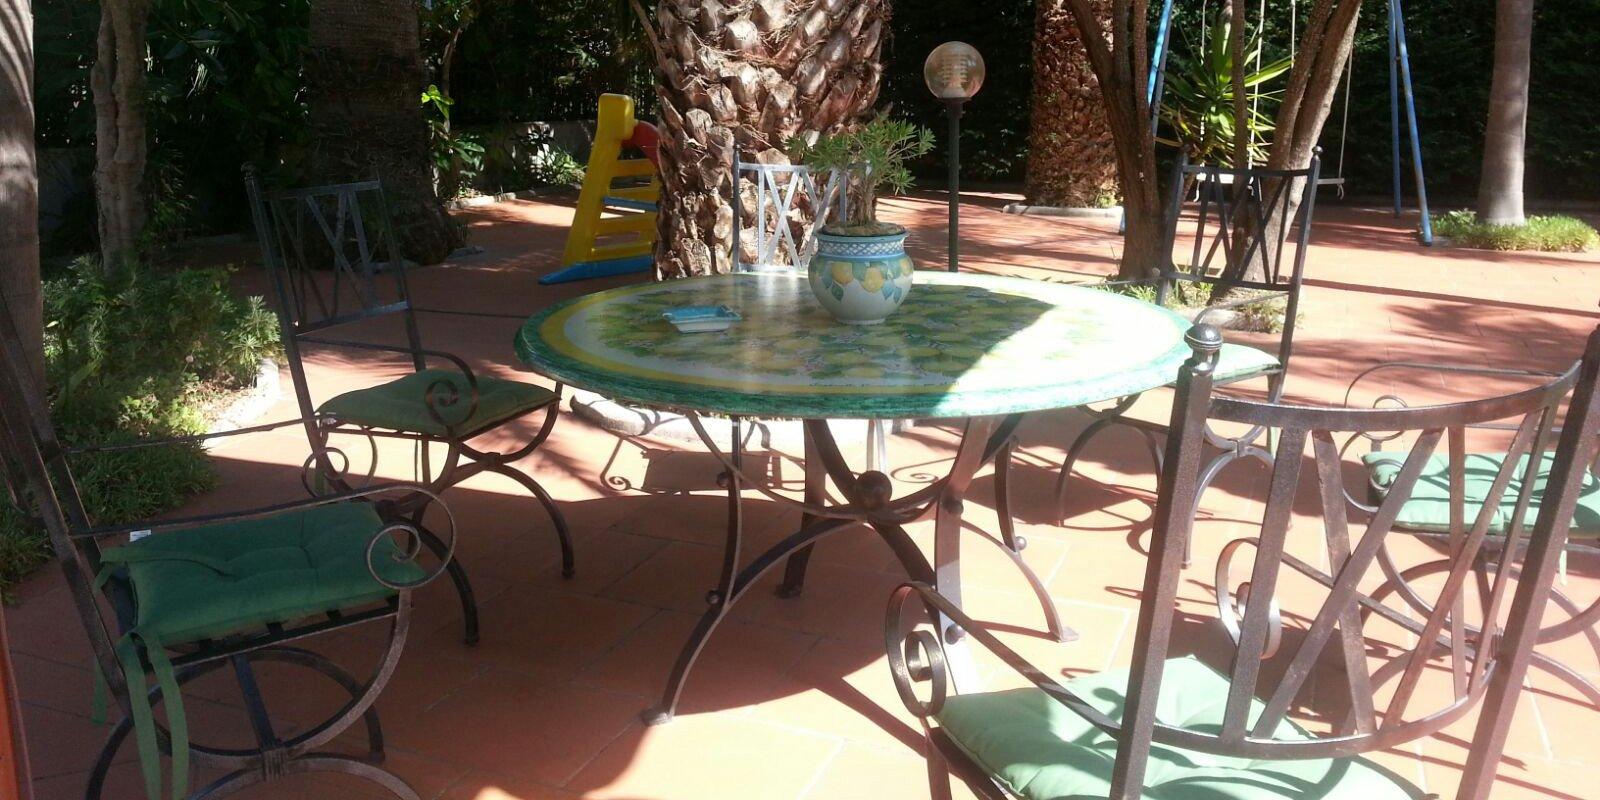 giardino con delle palme, tavolino rotondo, sedie in ferro battuto scivolo e altalena per bambini